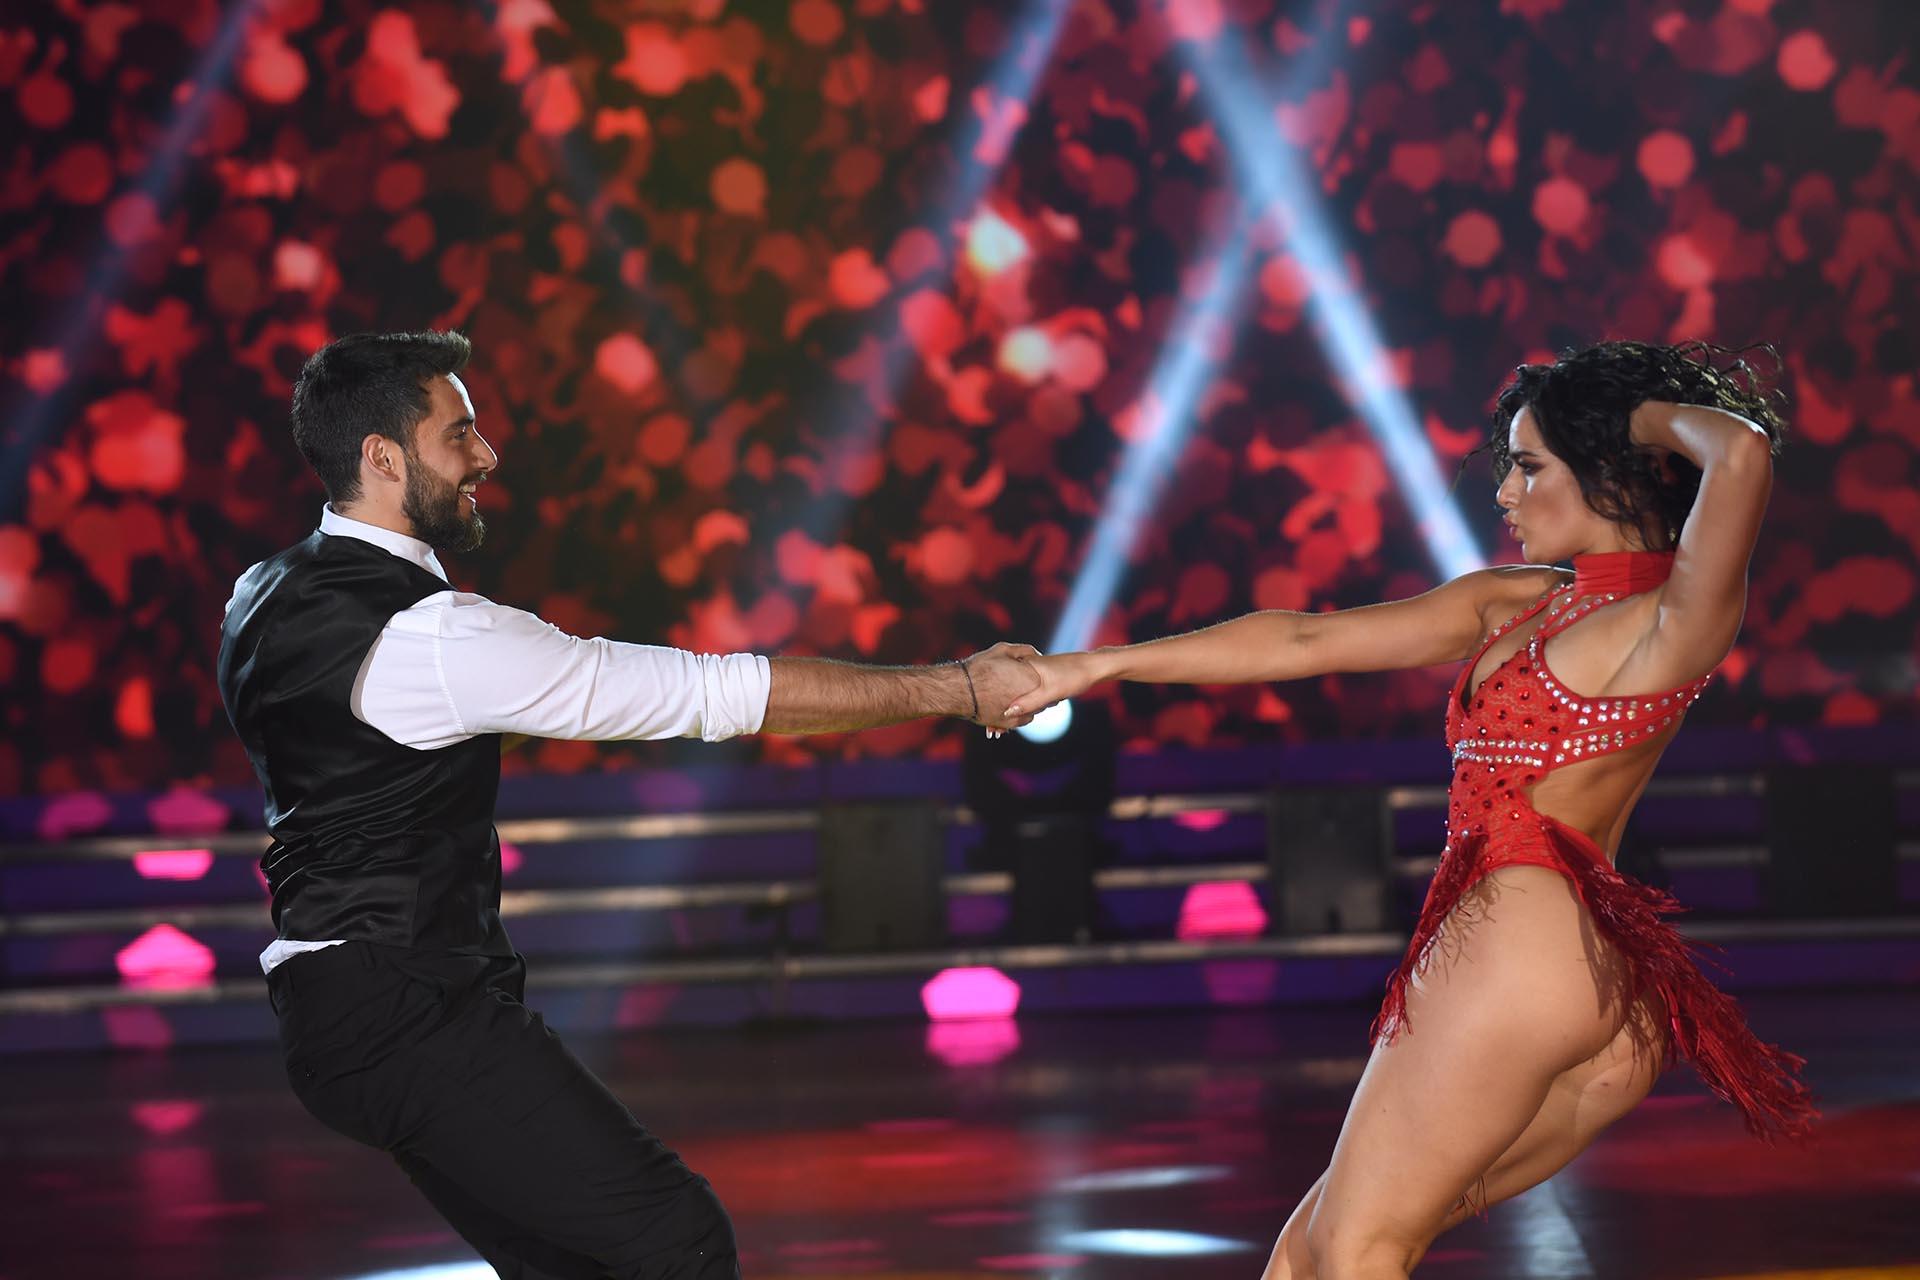 Nicolás Occhiato y Flor Jazmín Peña en el ritmo Jive (Foto: Negro Luengo / LaFlia)